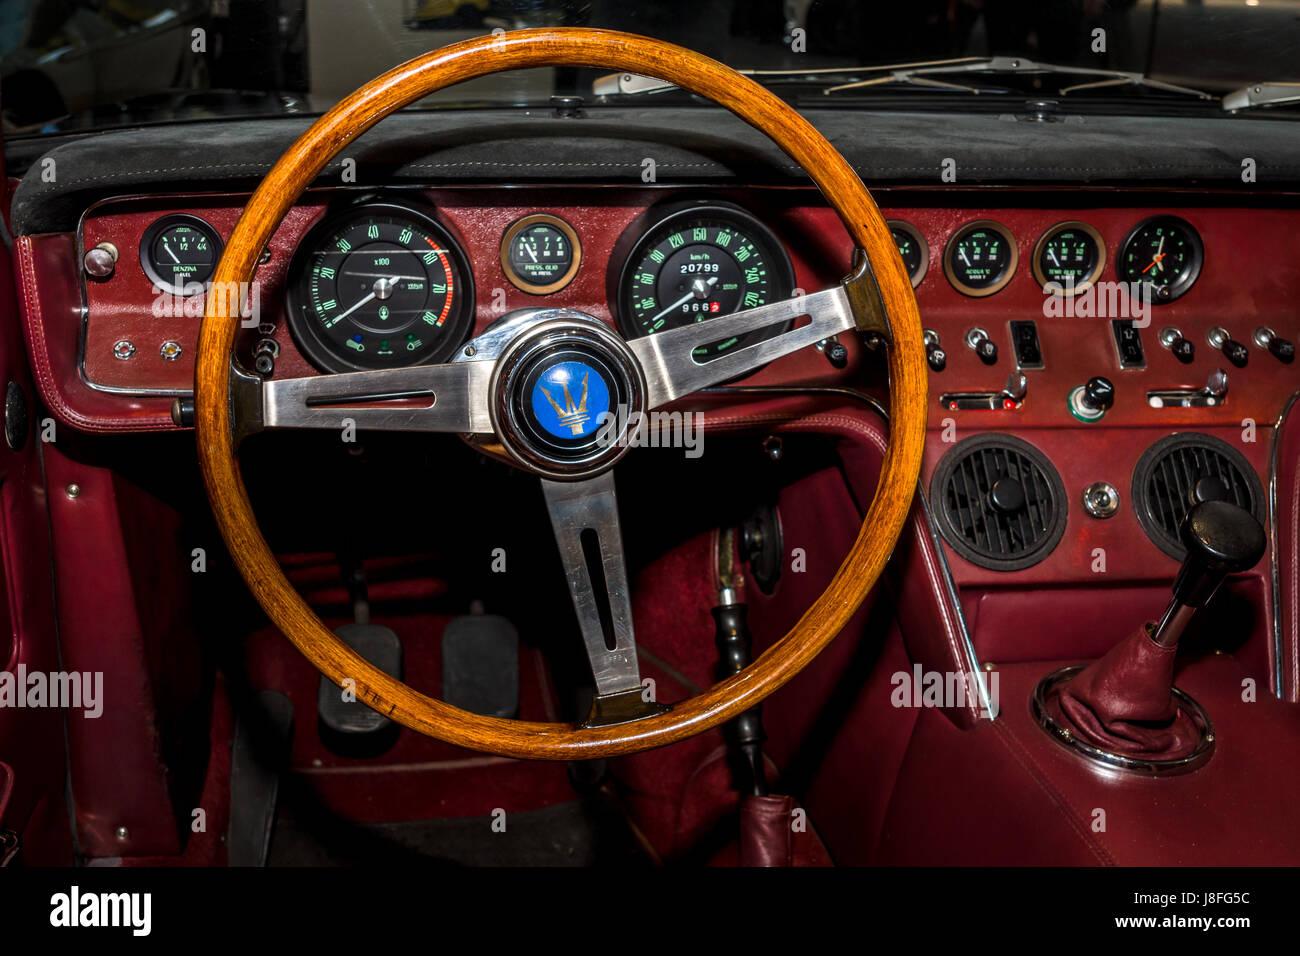 lintrieur de la voiture de sport maserati ghibli am115 par campana 1968 plus grand deurope exposition de voitures classiques retro classiques